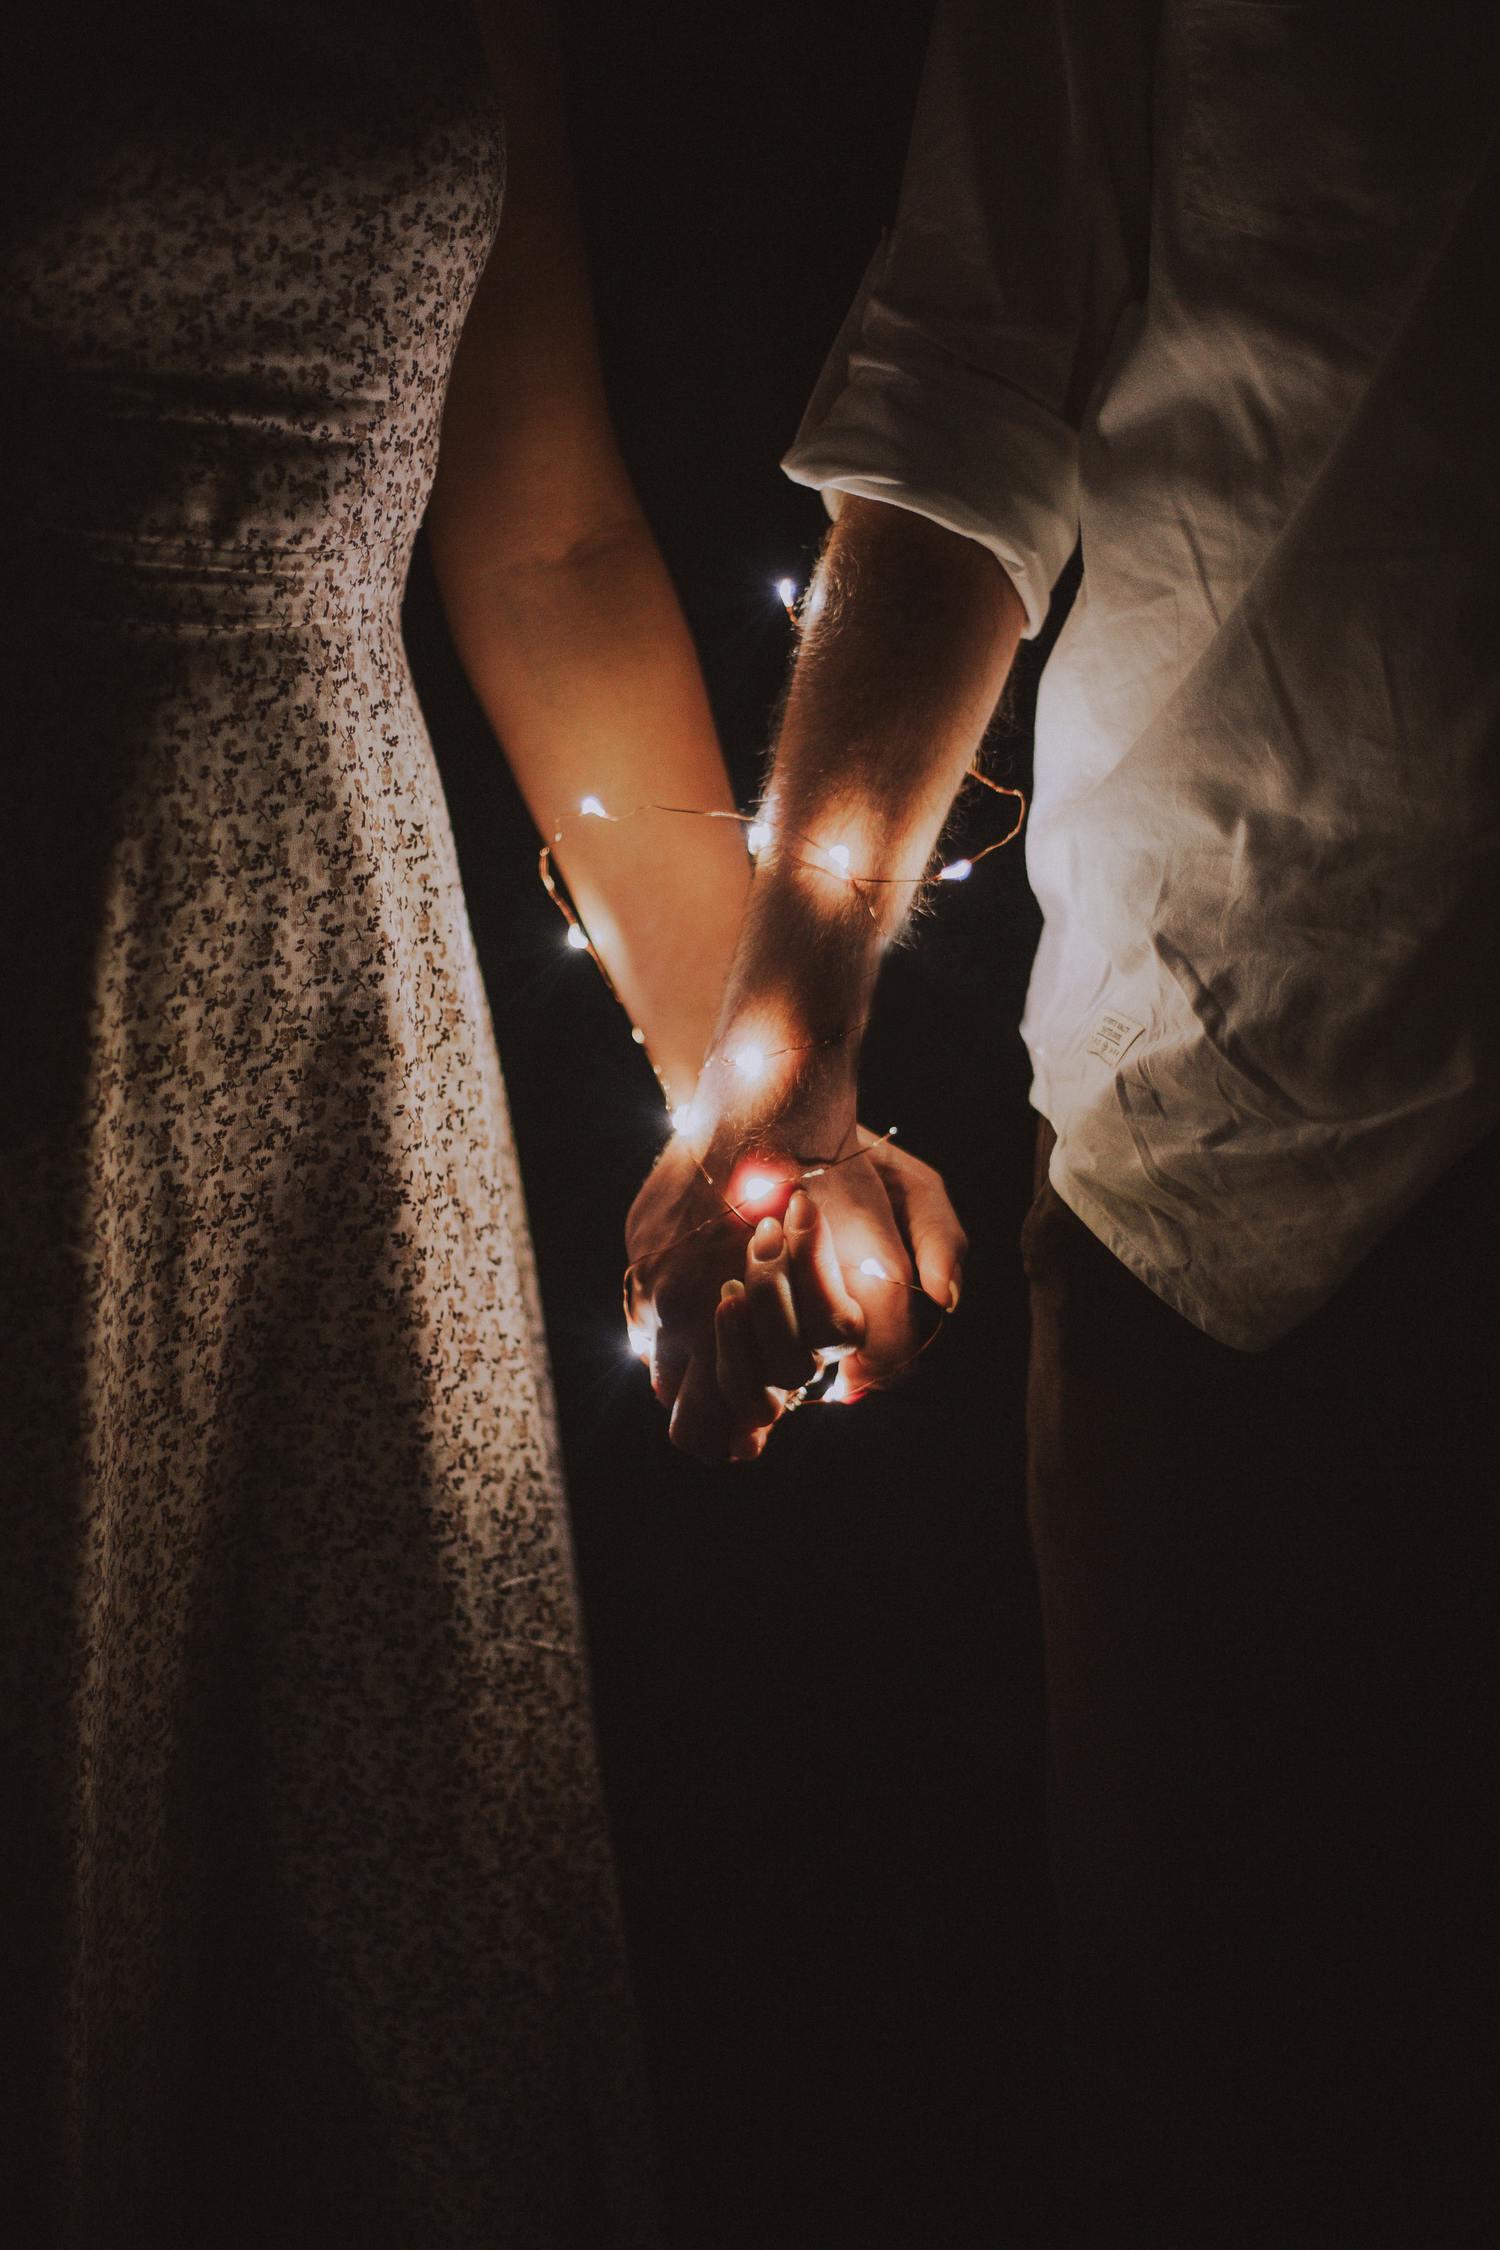 fotografía pareja cogida de manos clave baja